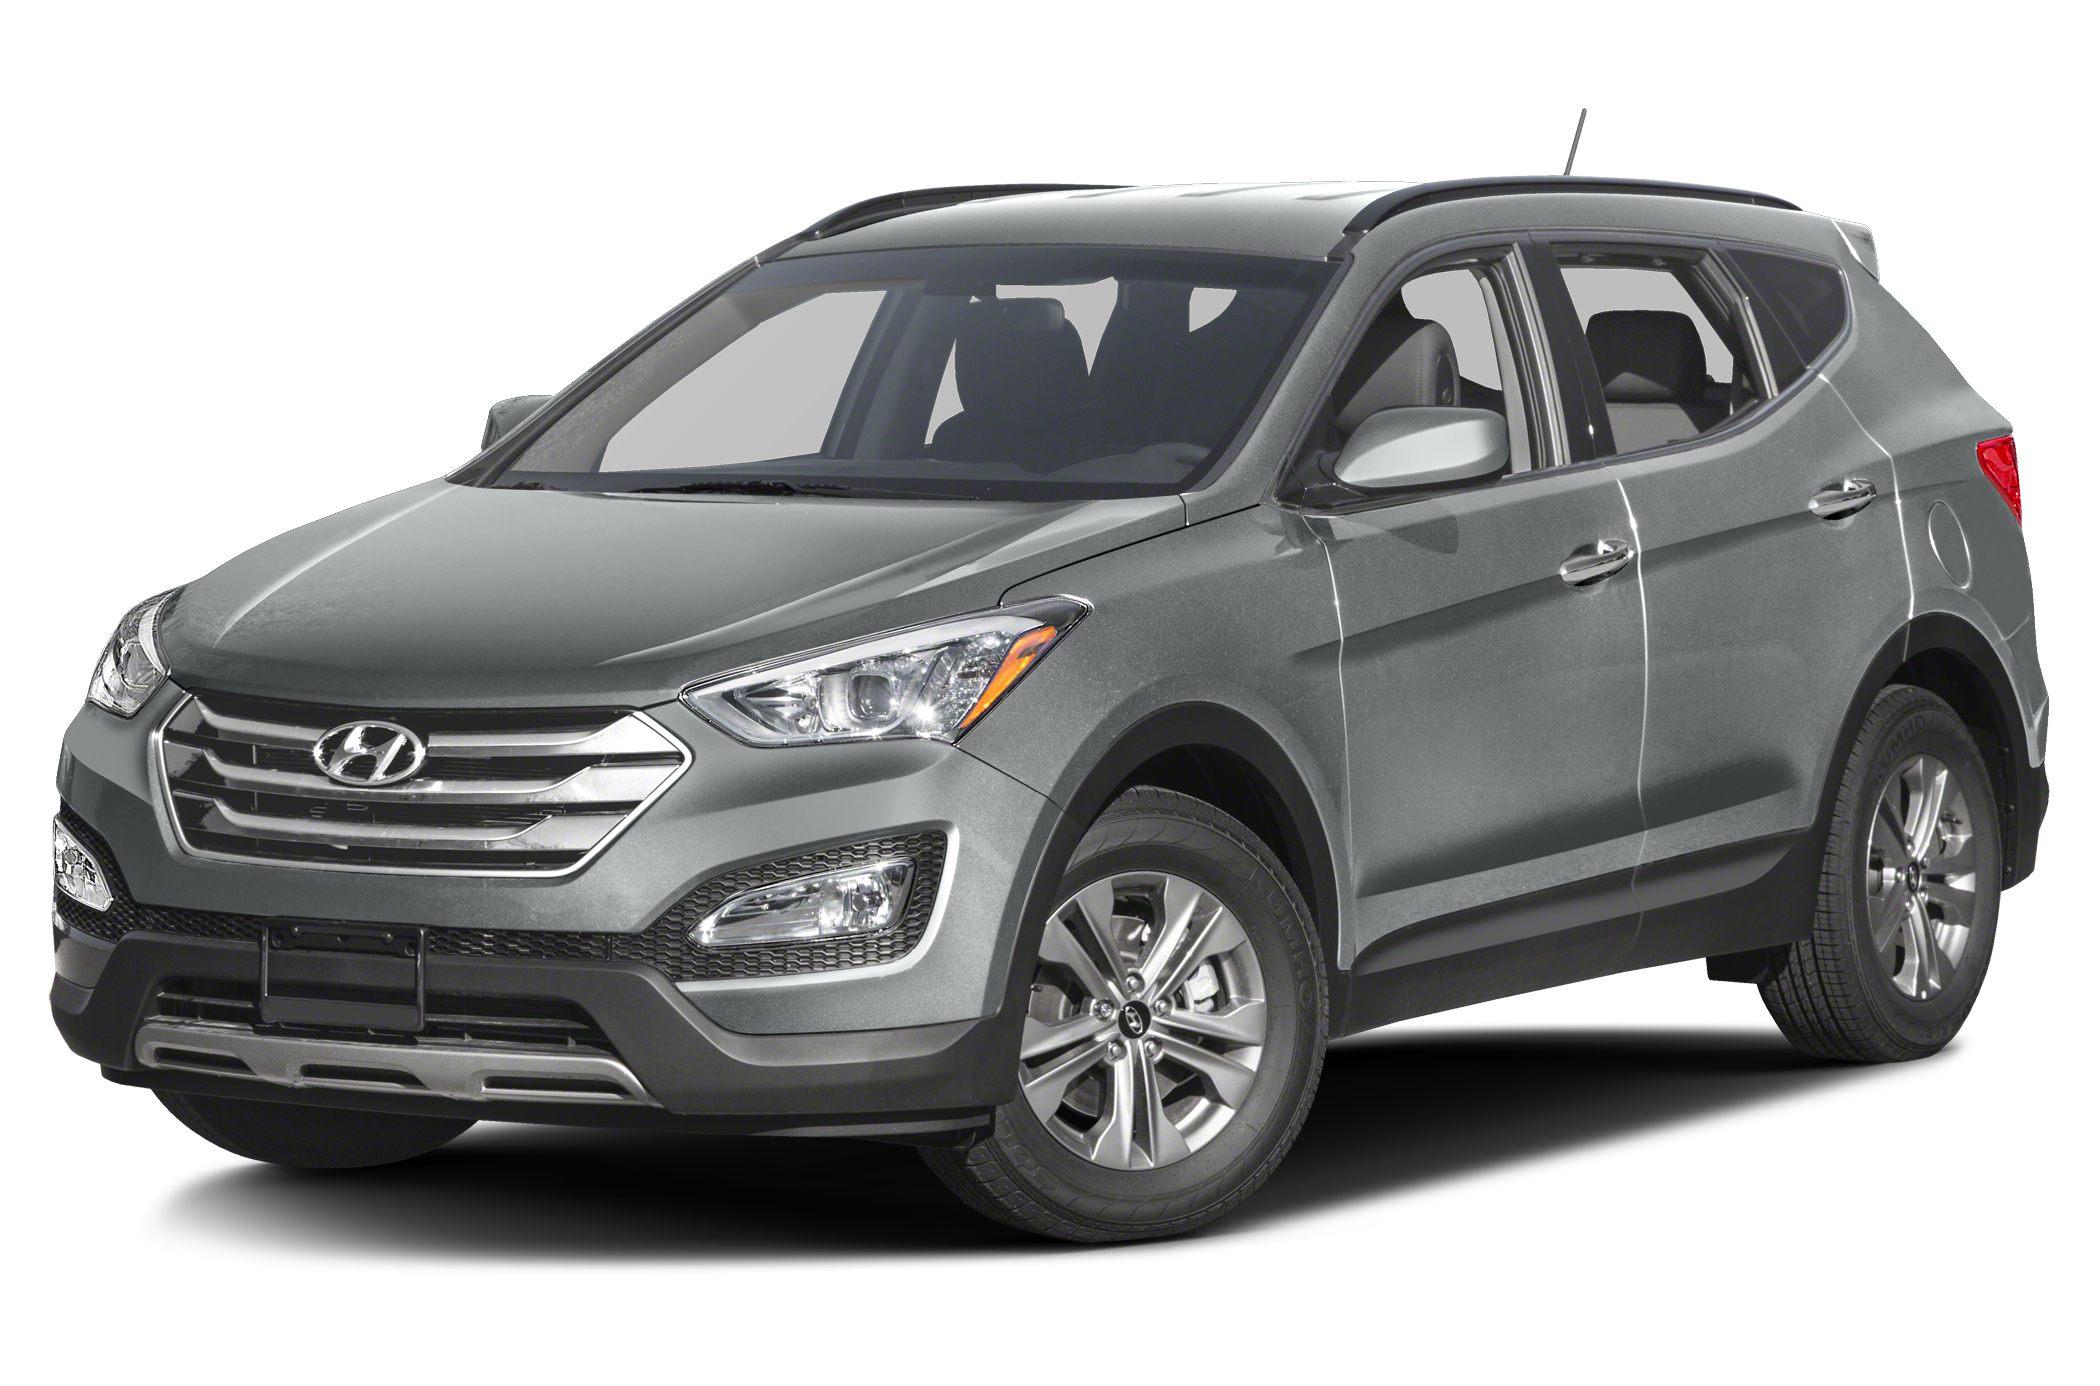 2016 Hyundai Santa Fe >> 2016 Hyundai Santa Fe Sport New Car Test Drive